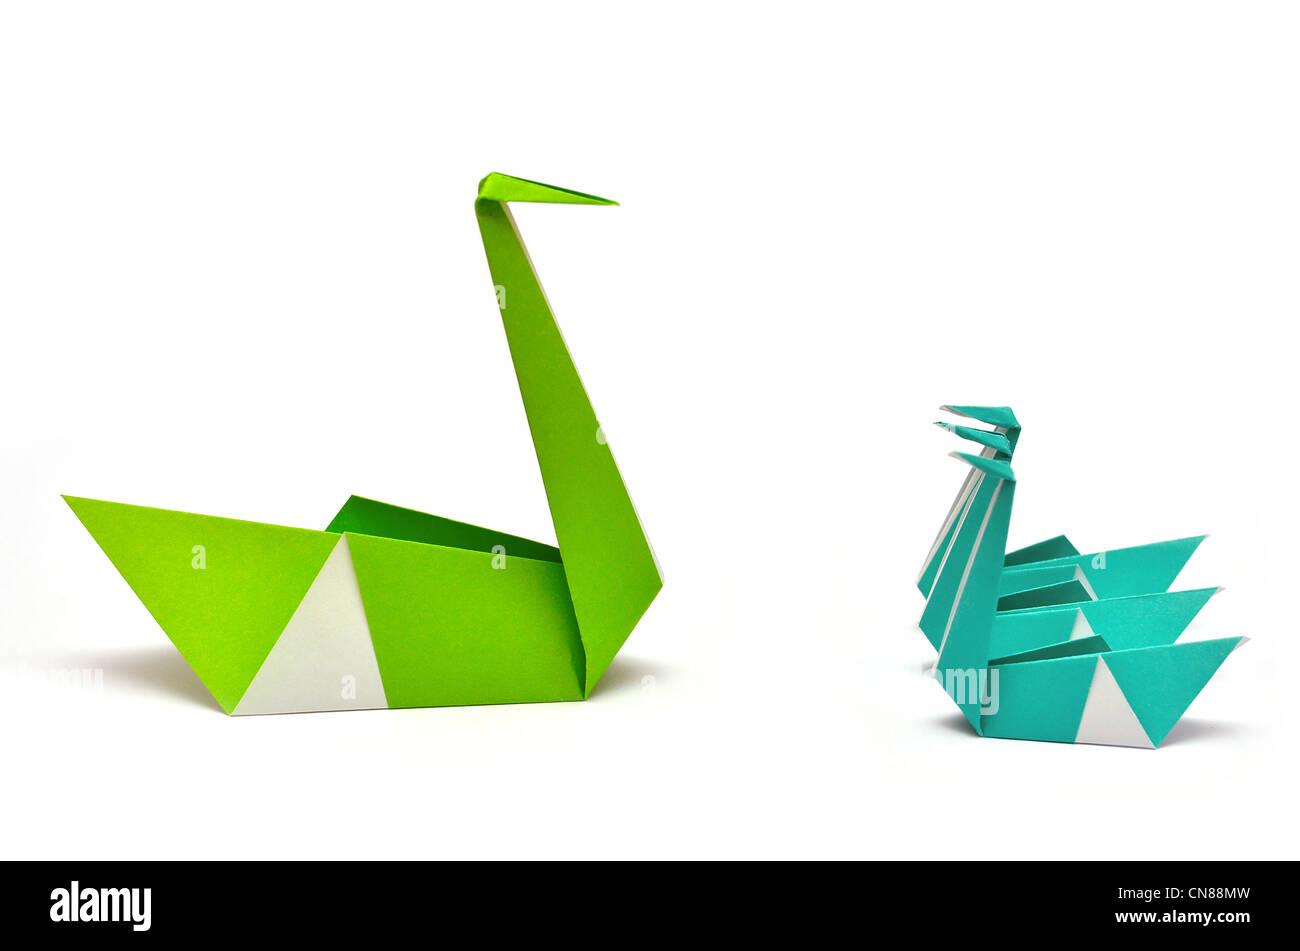 Origami-grün und blau Papier Schwäne treffen für einen kurzen weißen Hintergrund Papierfaltens Stockbild